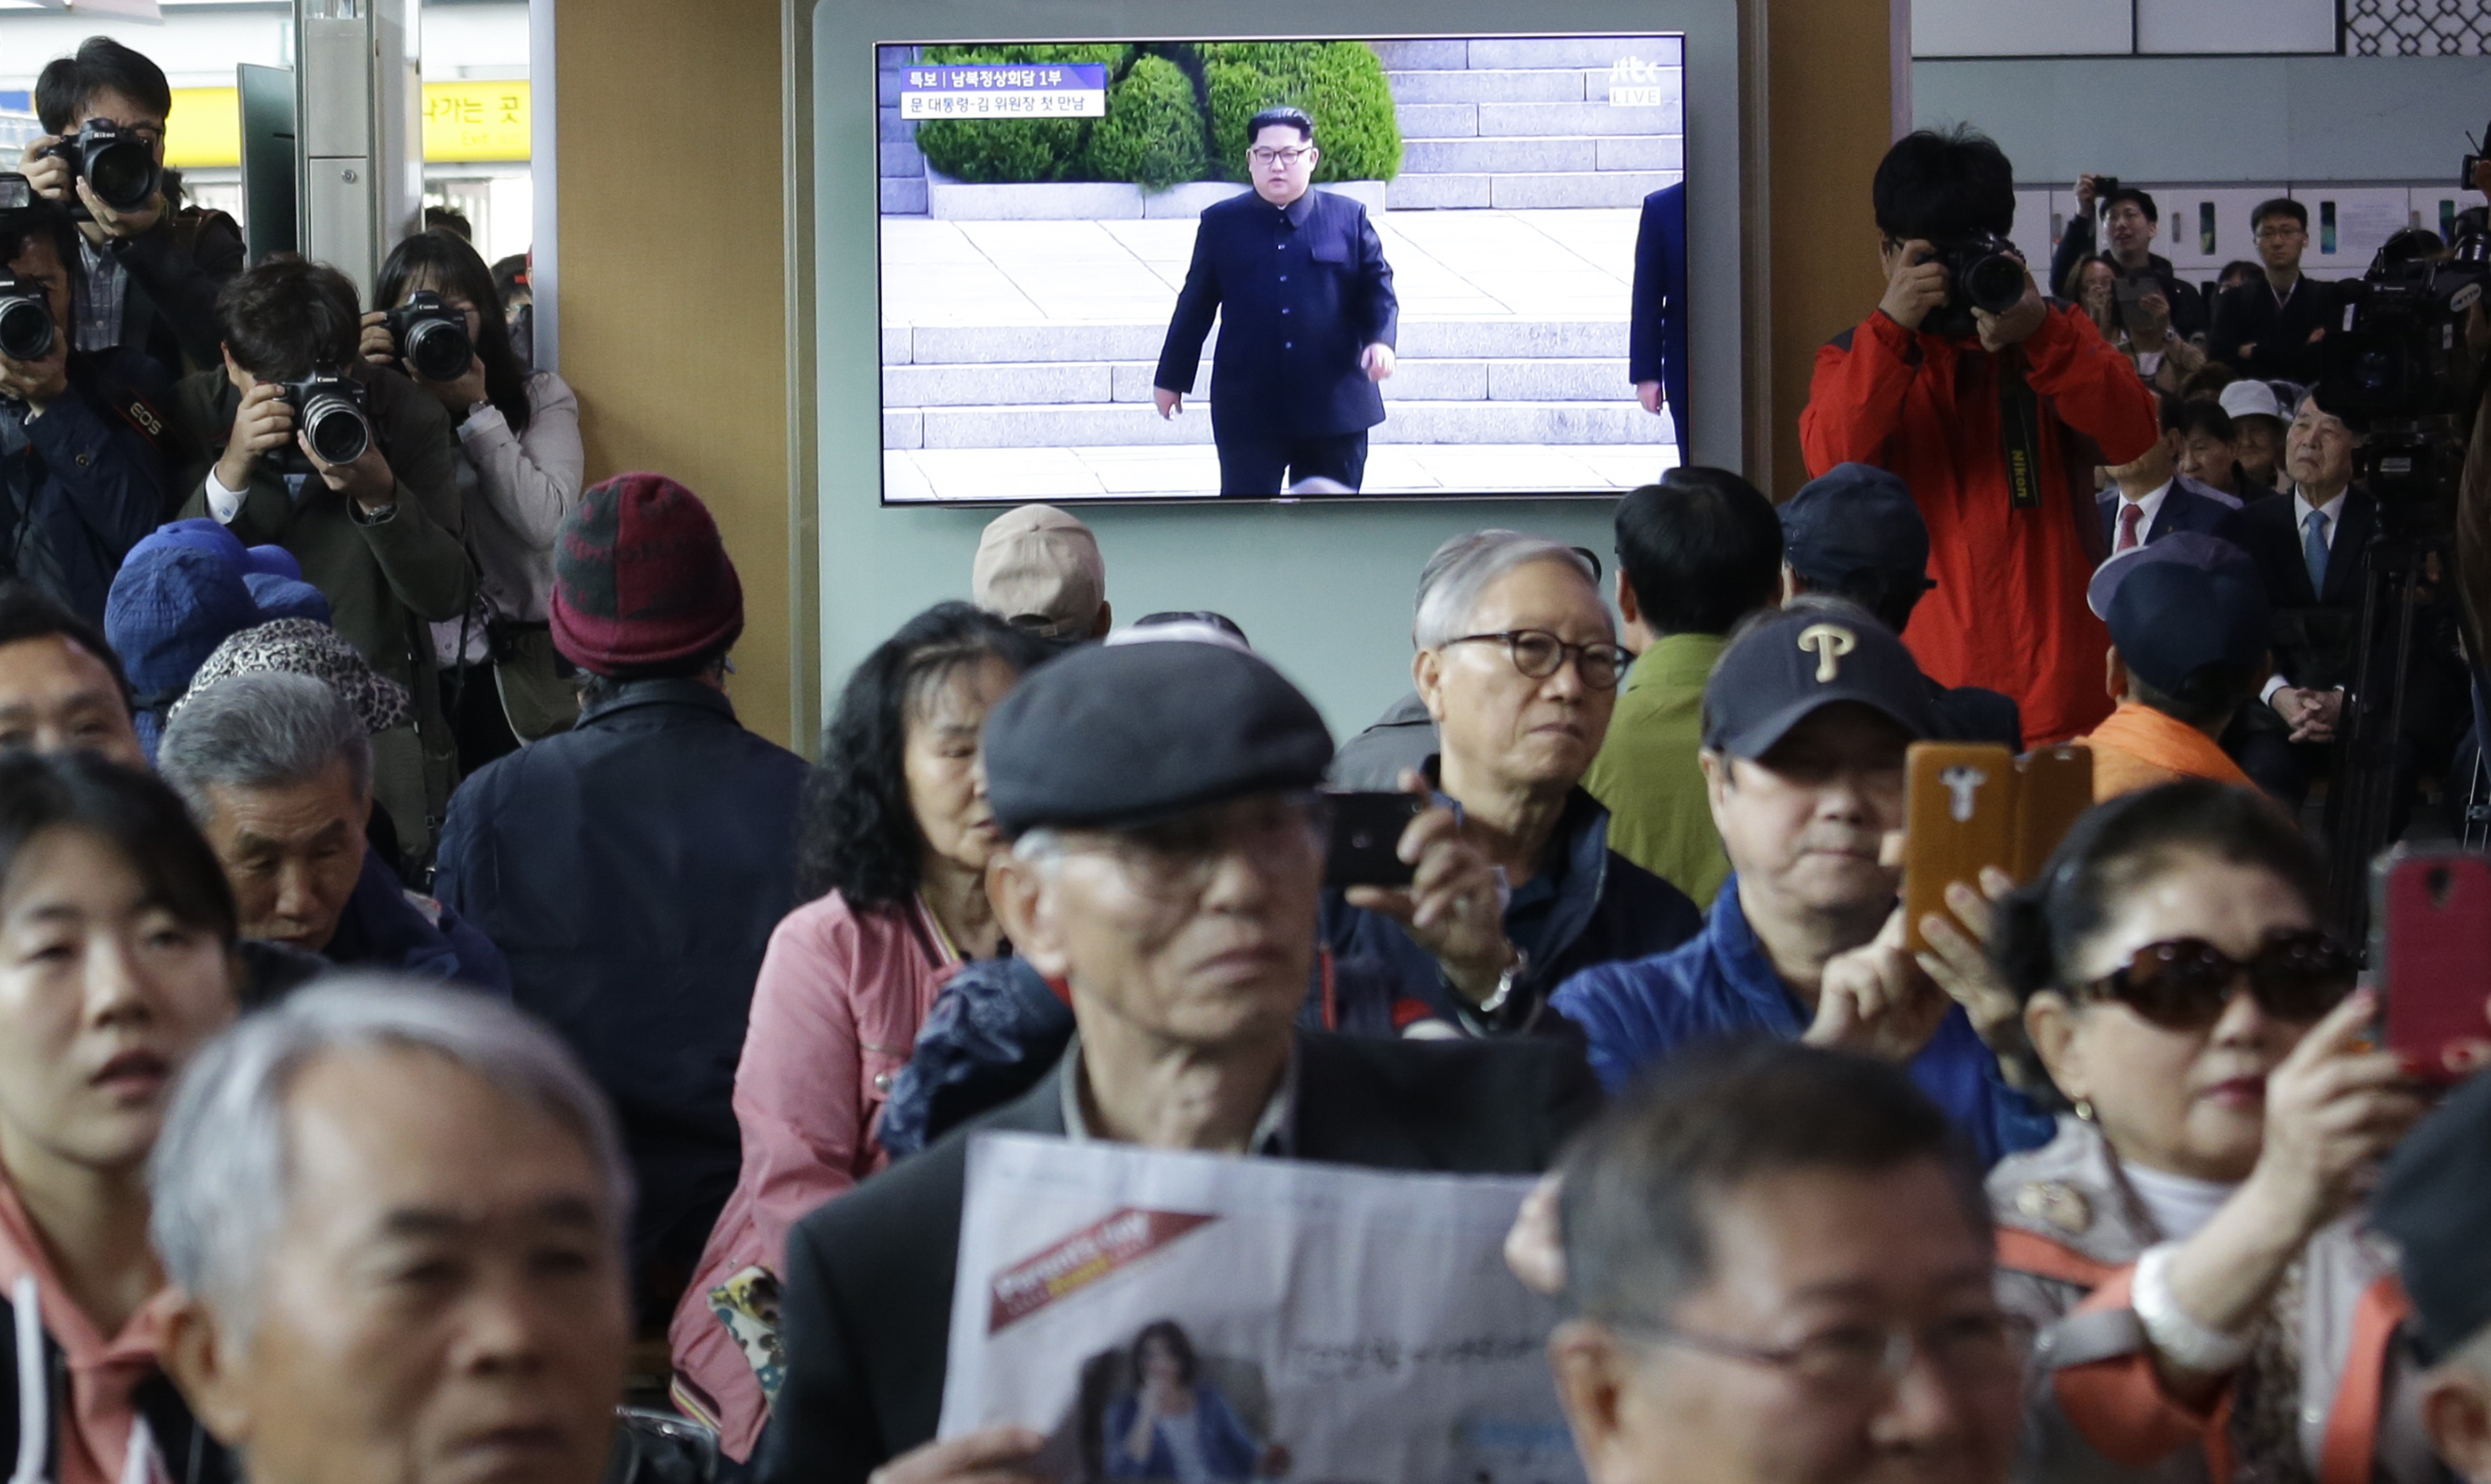 Decenas de personas en la estación de trenes de Seúl observan el encuentro.(AP Photo/Ahn Young-joon)